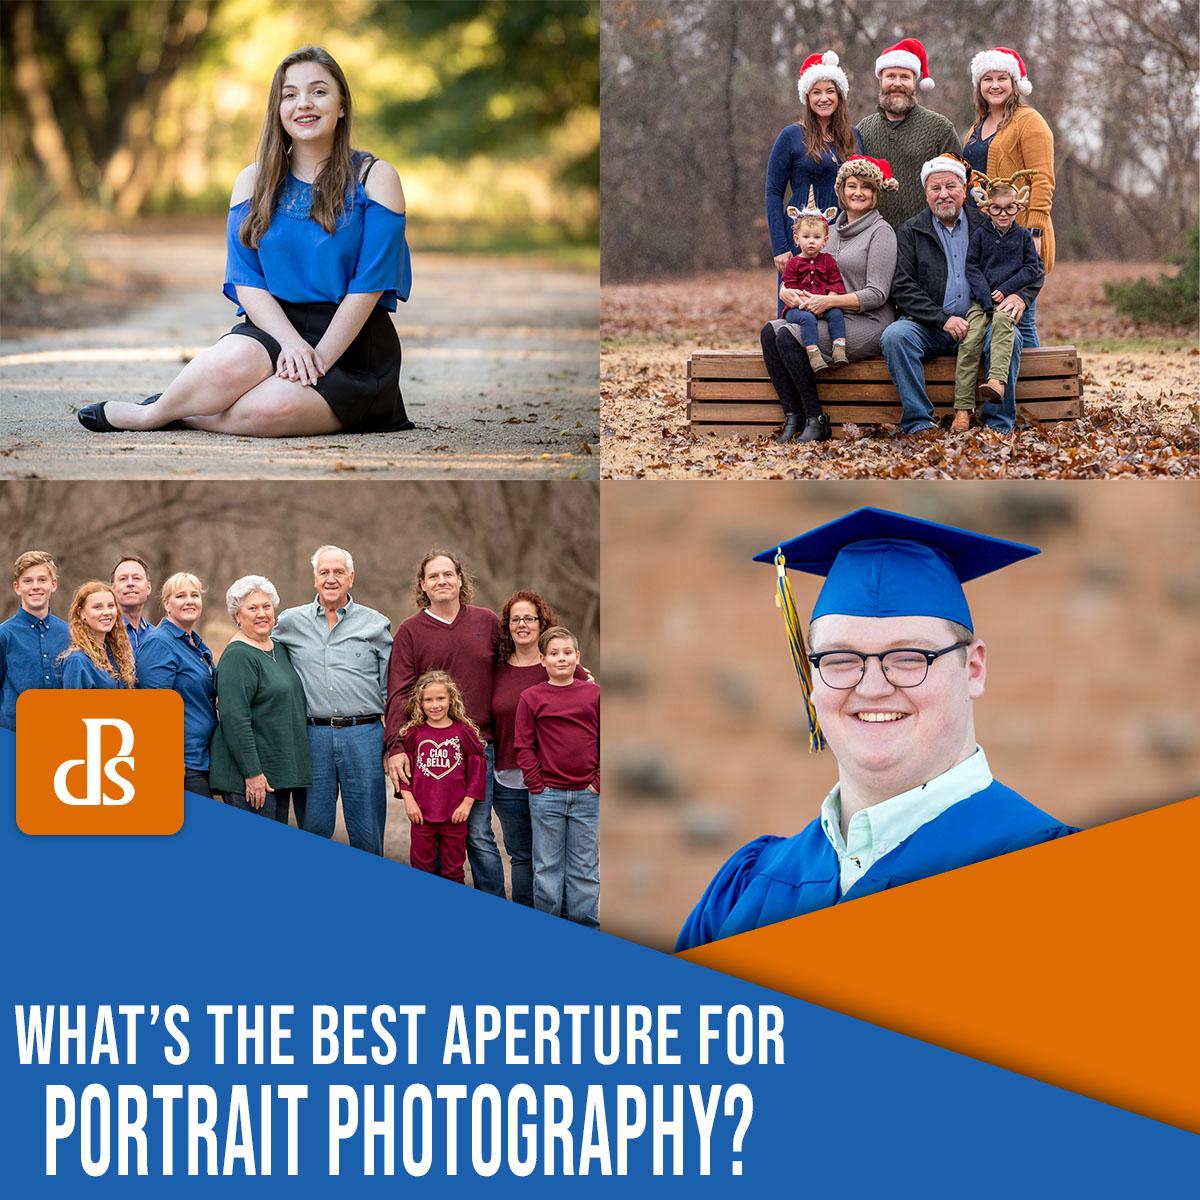 a melhor abertura para retratos